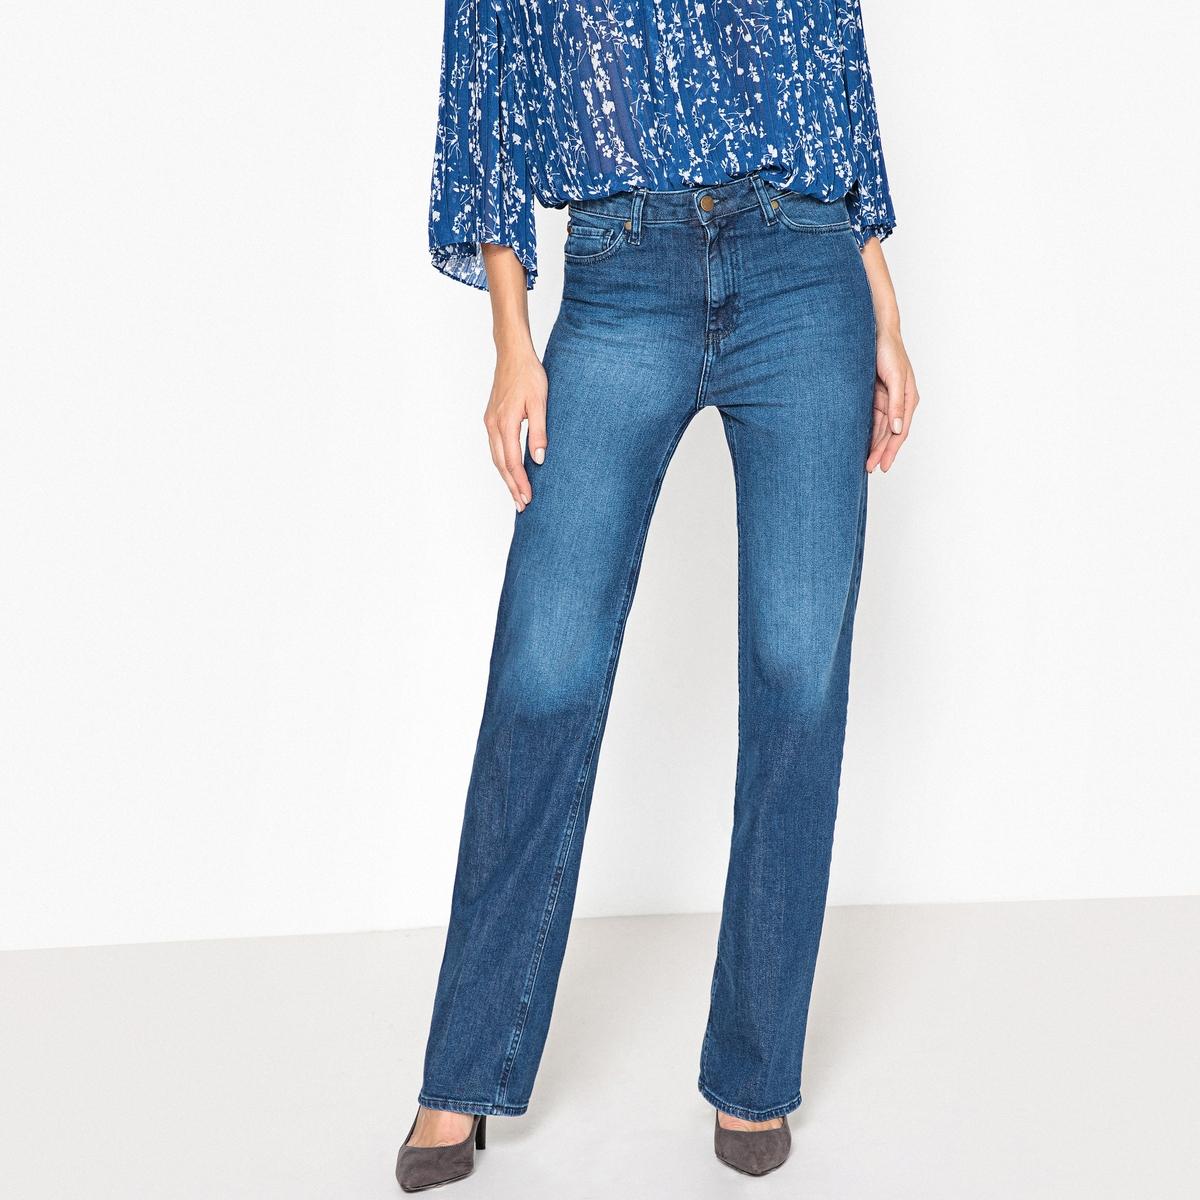 Джинсы широкие JANE patrizia pepe облегающие джинсы с 5 карманами из денима в японском стиле